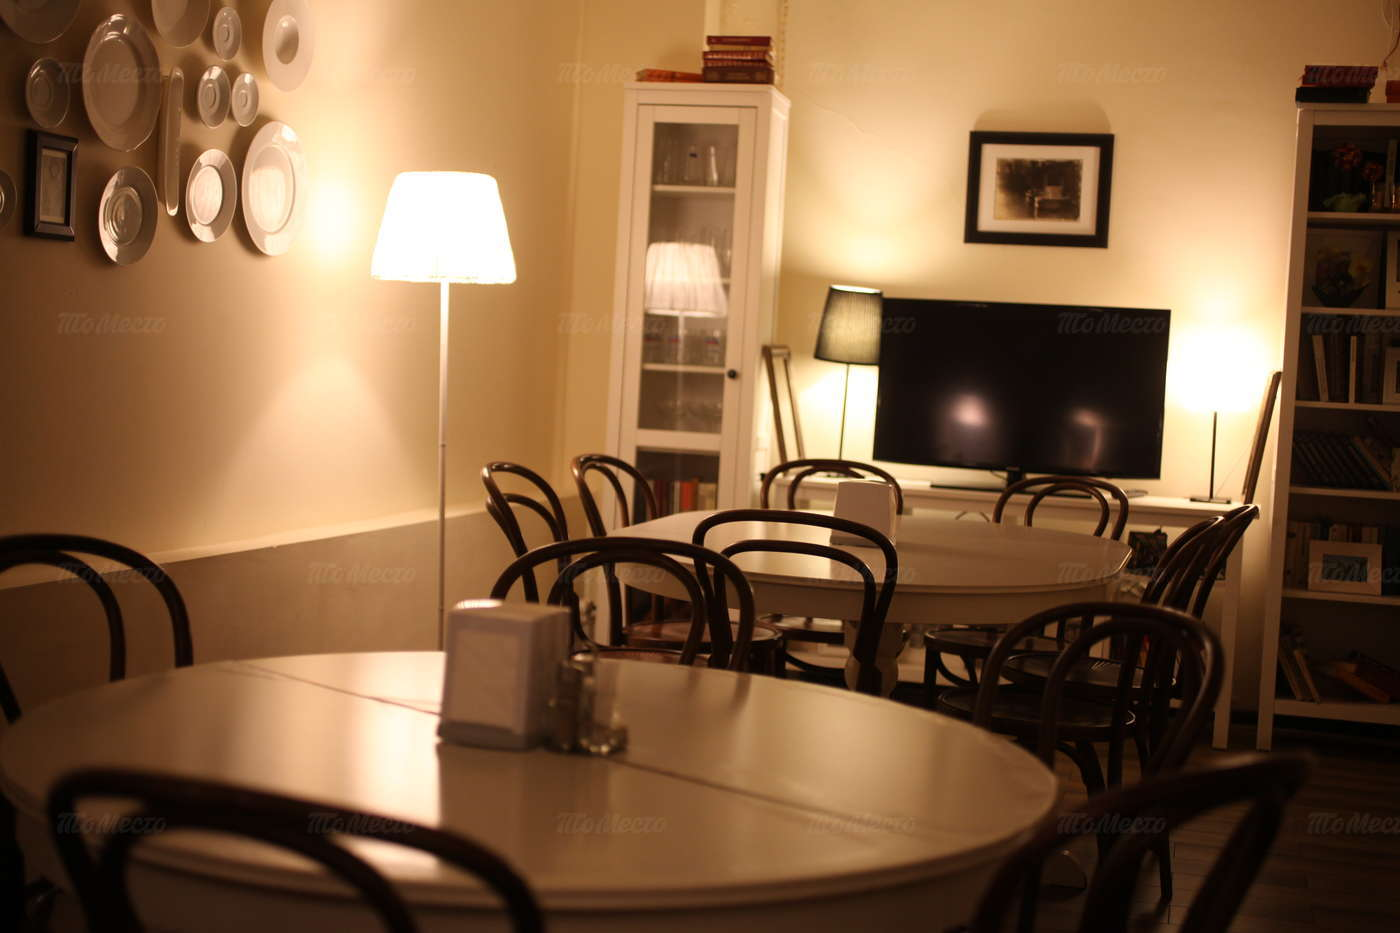 Кафе Бобры и утки на Пятницкой фото 7